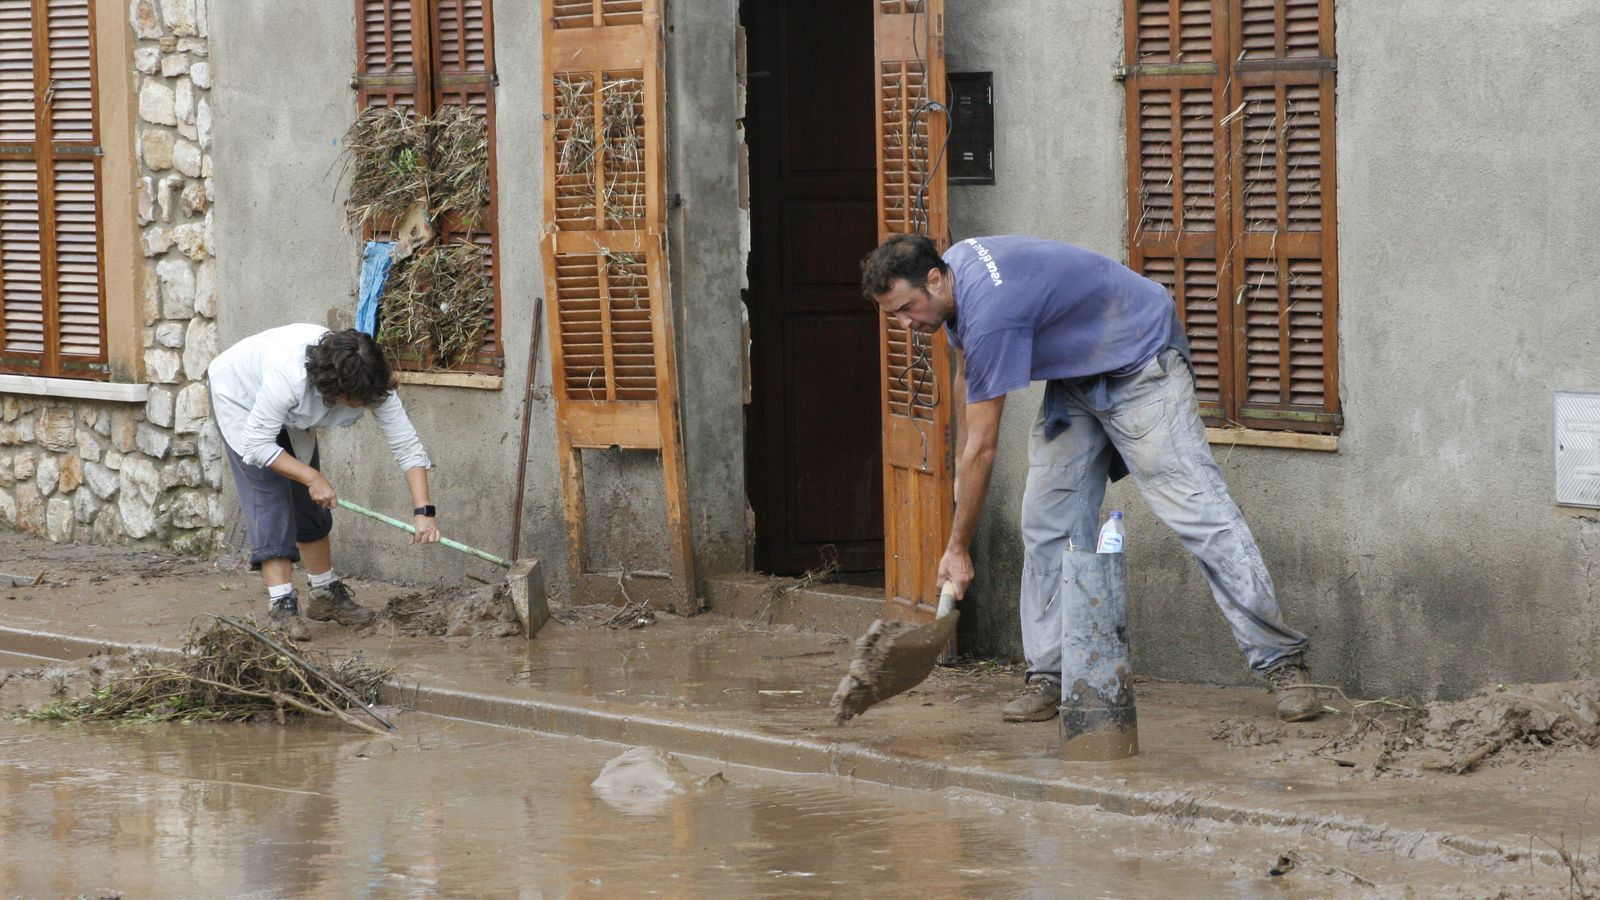 Unes 400 vivendes del poble de Sant Llorenç es varen veure afectats en major o menor grau per les inundacions.undats